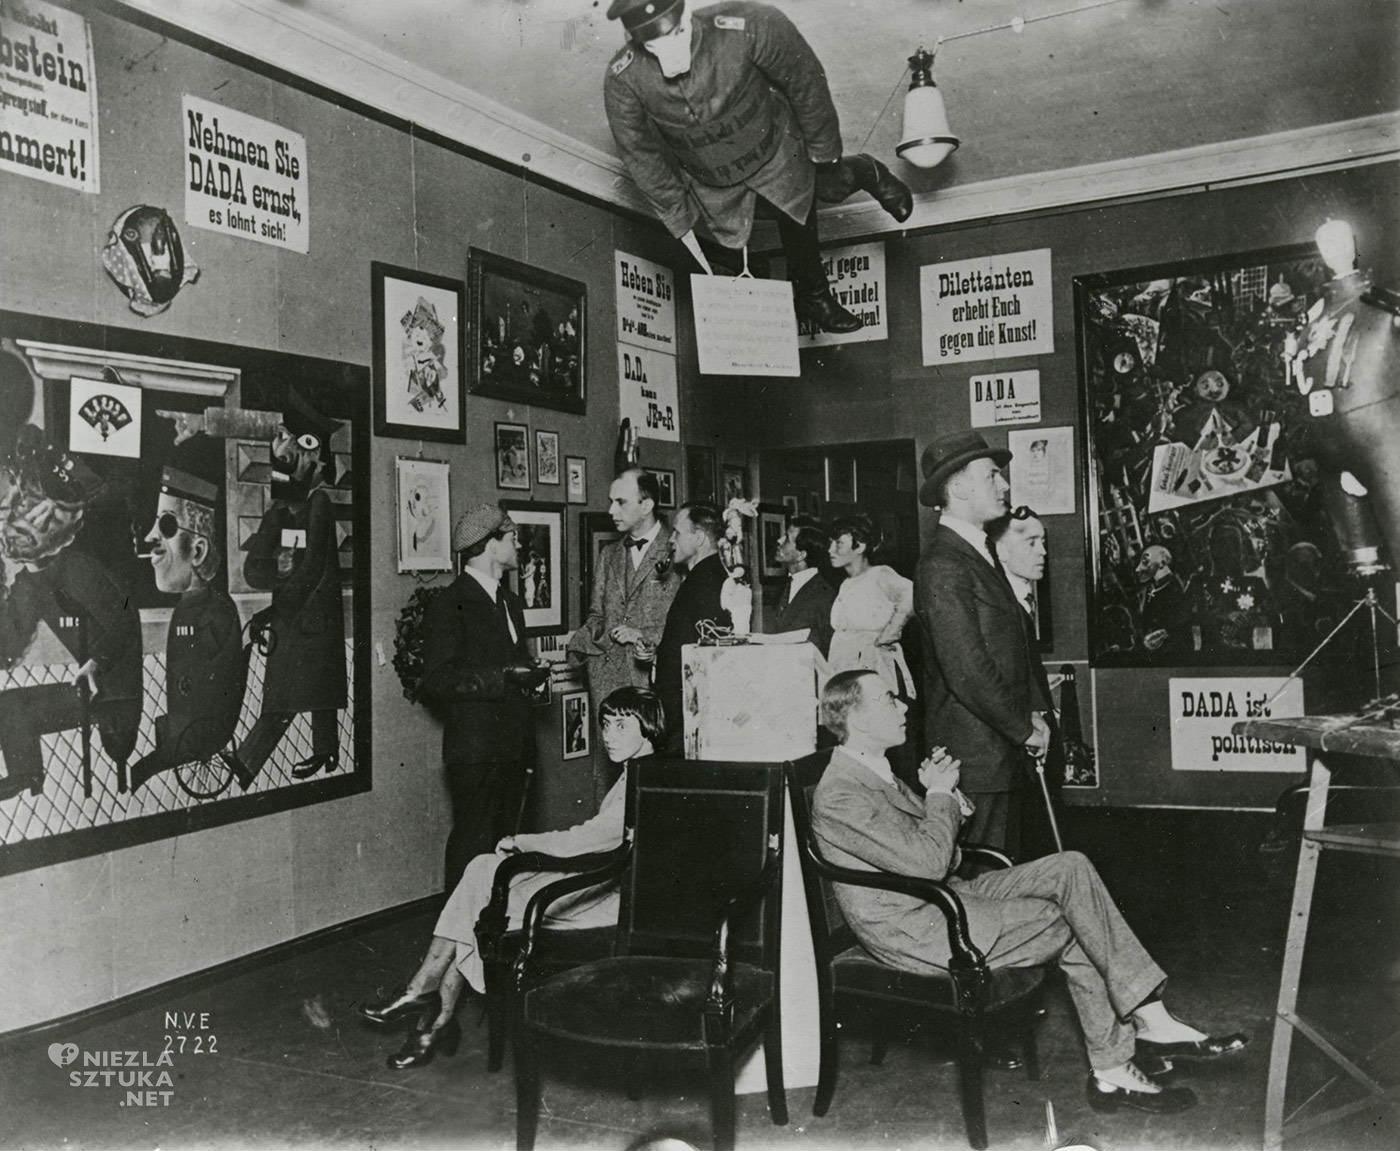 Dada, Berlin, wystawa, targi, dadaizm, sztuka współczesna, Niezła Sztuka